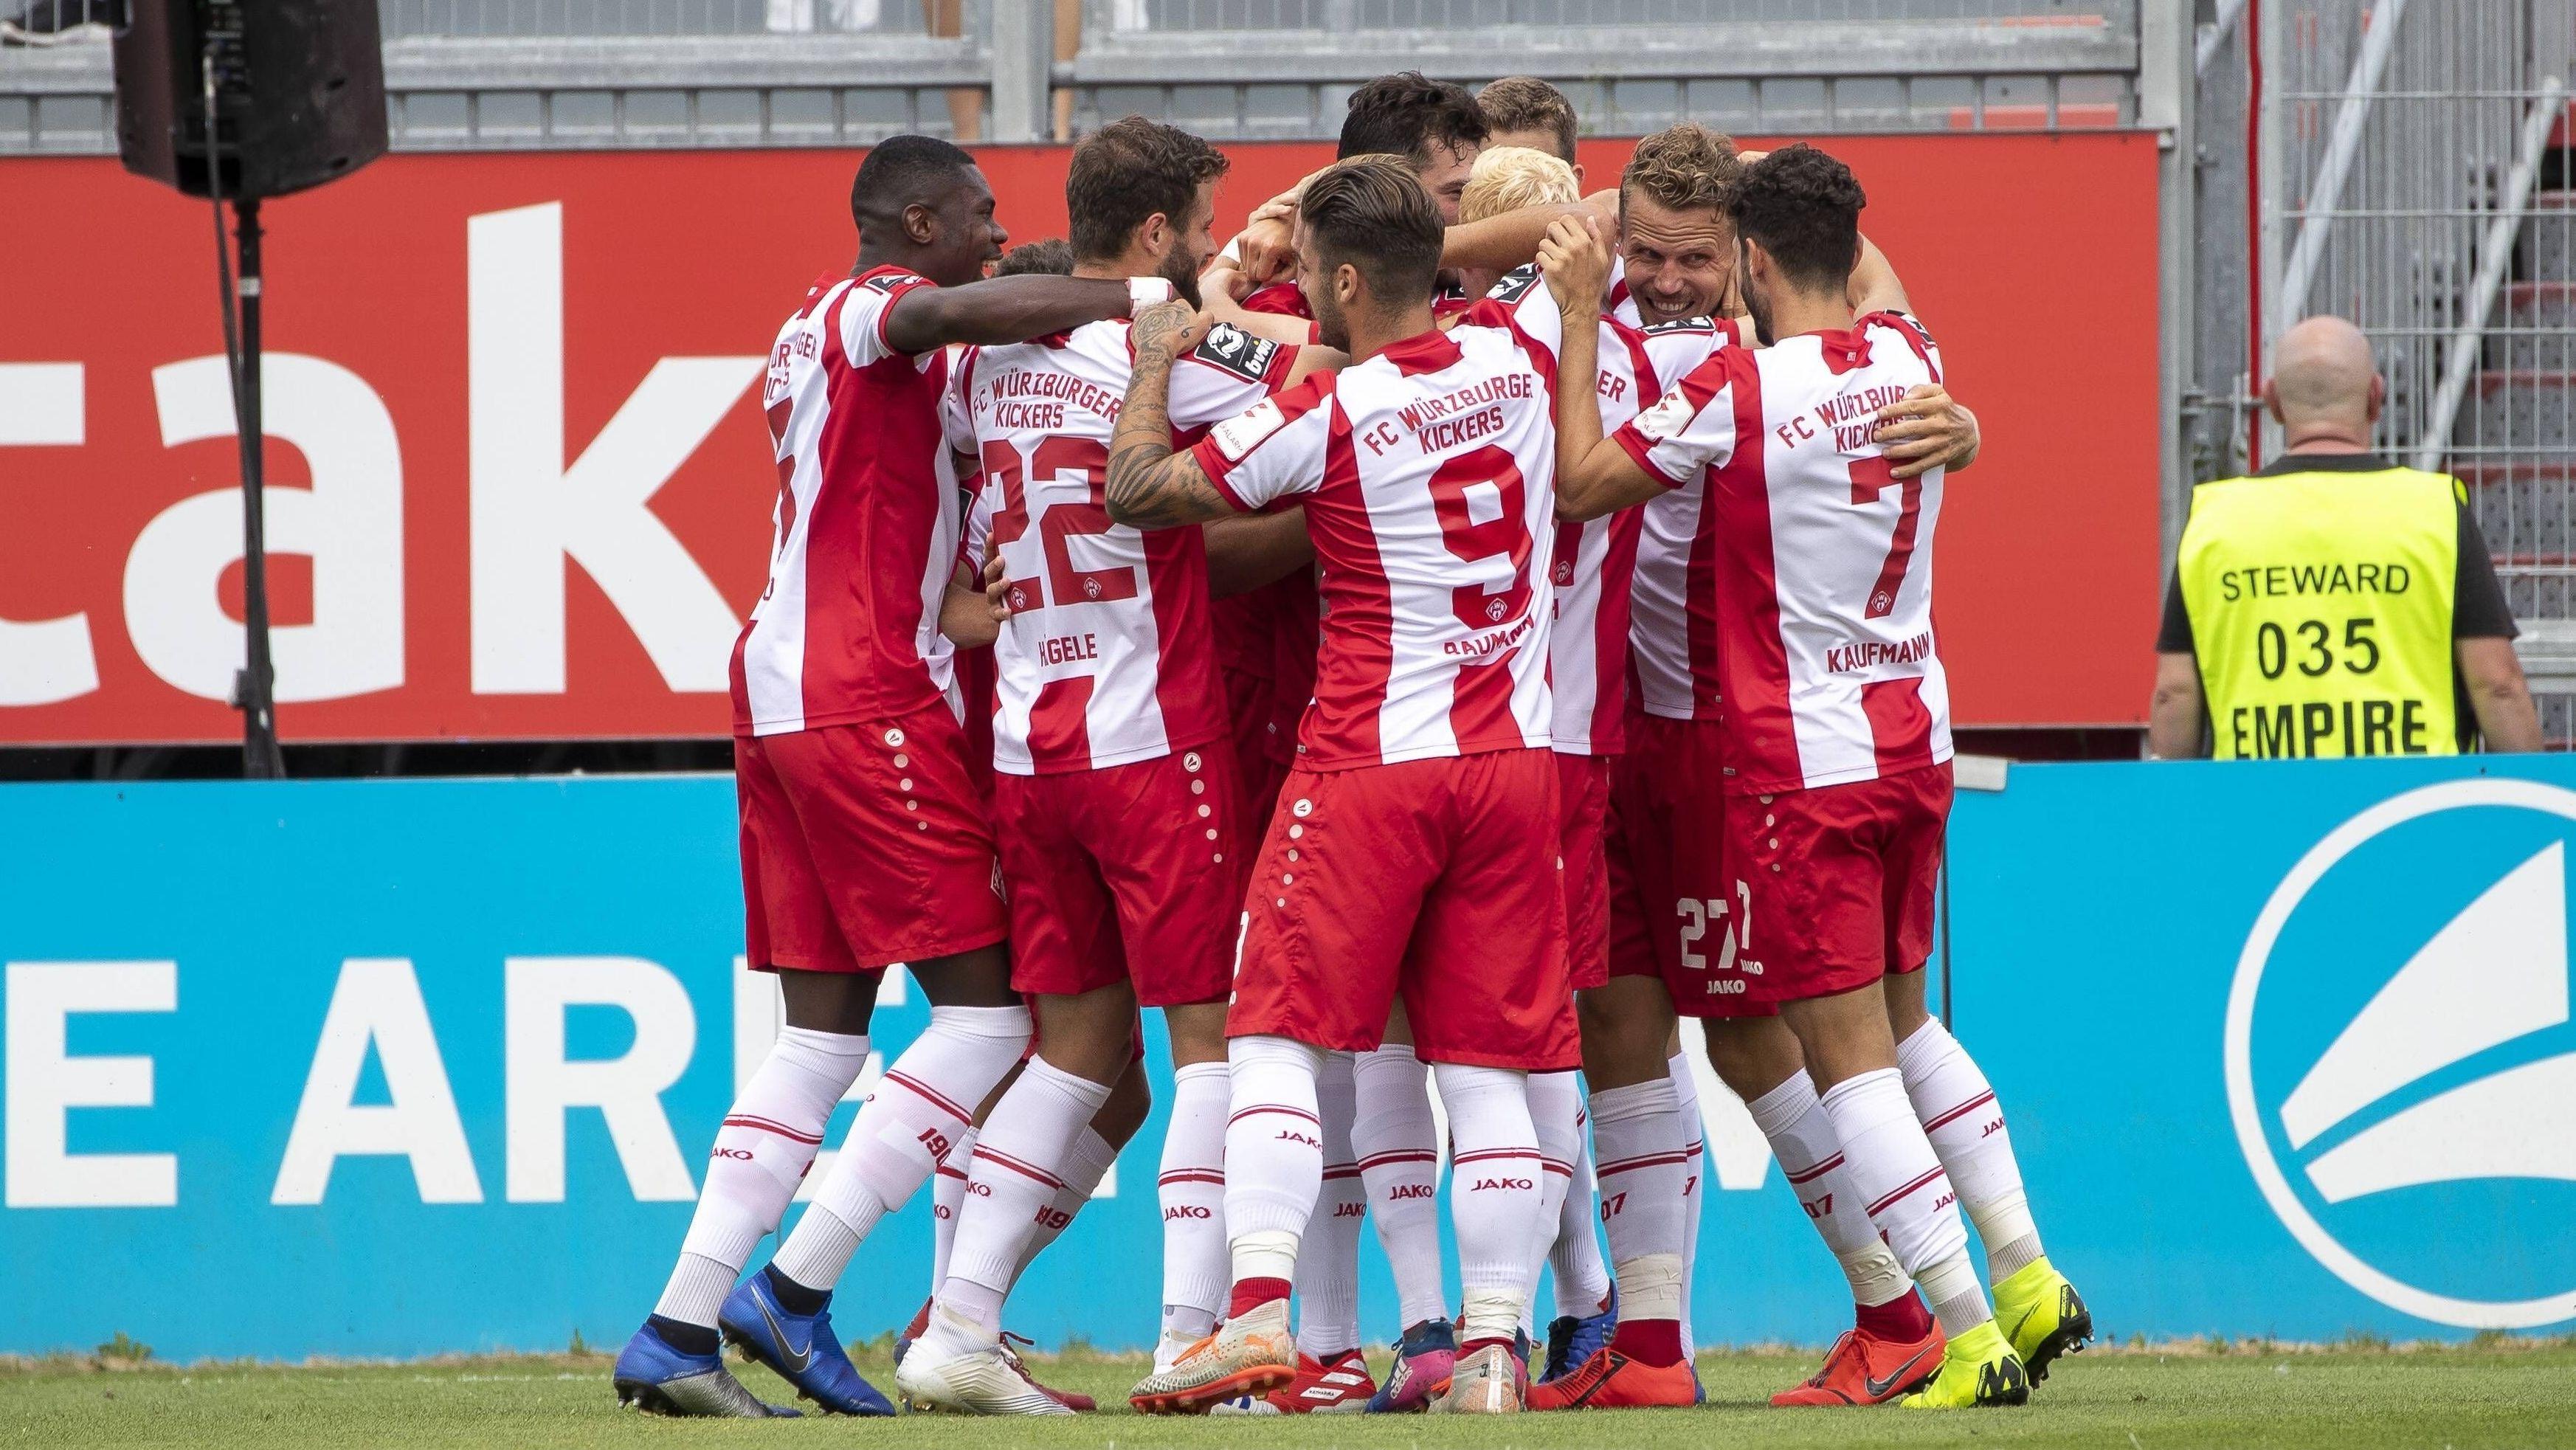 Würzburger-Kickers-Spieler feiern ein Tor